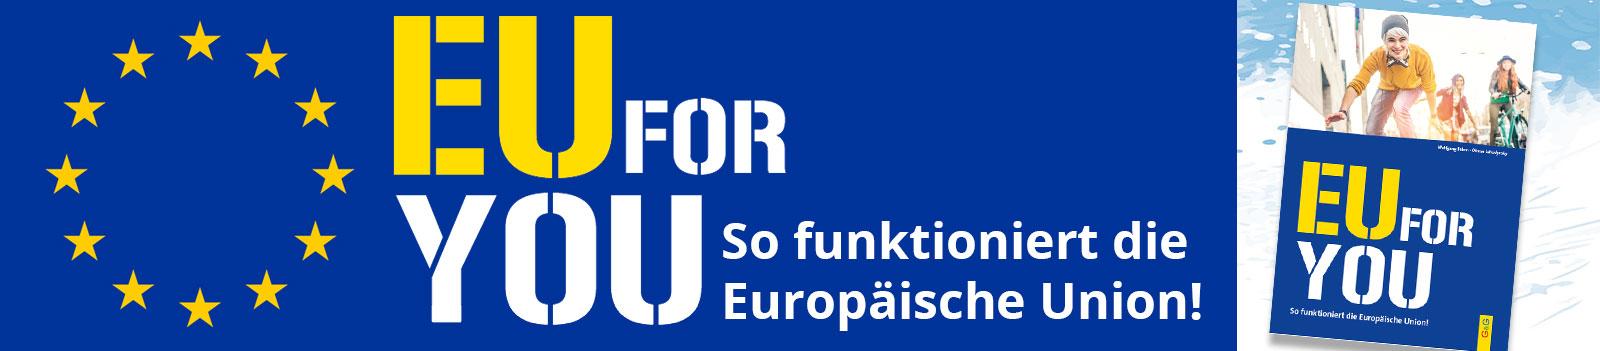 EU 4 You